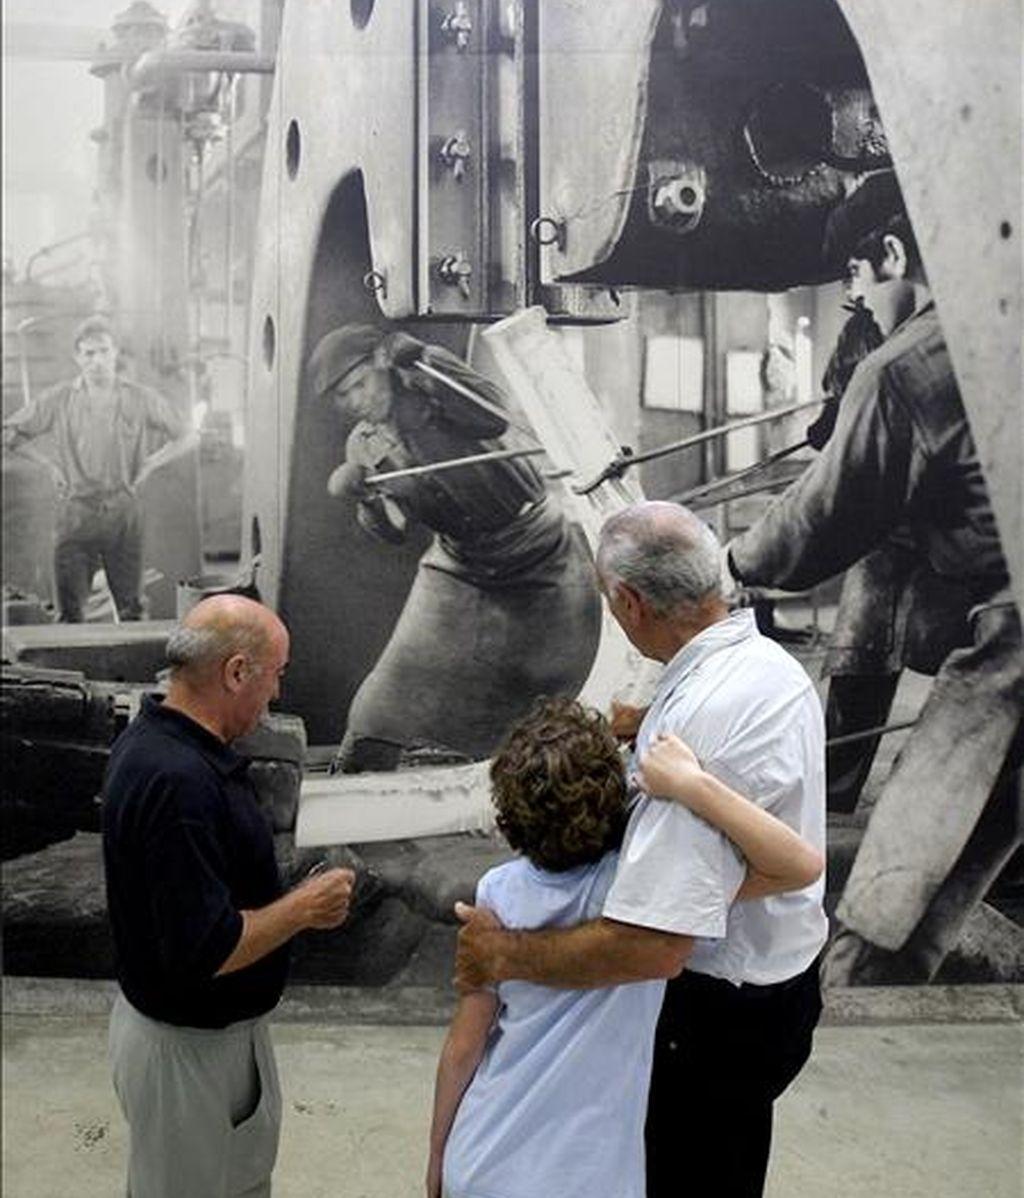 Dos vecinos de Legazpi (Guipuzcoa) muestran a un niño una de las fotografías de Catalá Roca expuestas en el Chillida Lantoki, un nuevo museo ubicado en una antigua empresa papelera que refleja la relación del arte del escultor vasco Eduardo Chillida con la industria, particularmente con la gran forja de Patricio Echeverria. EFE